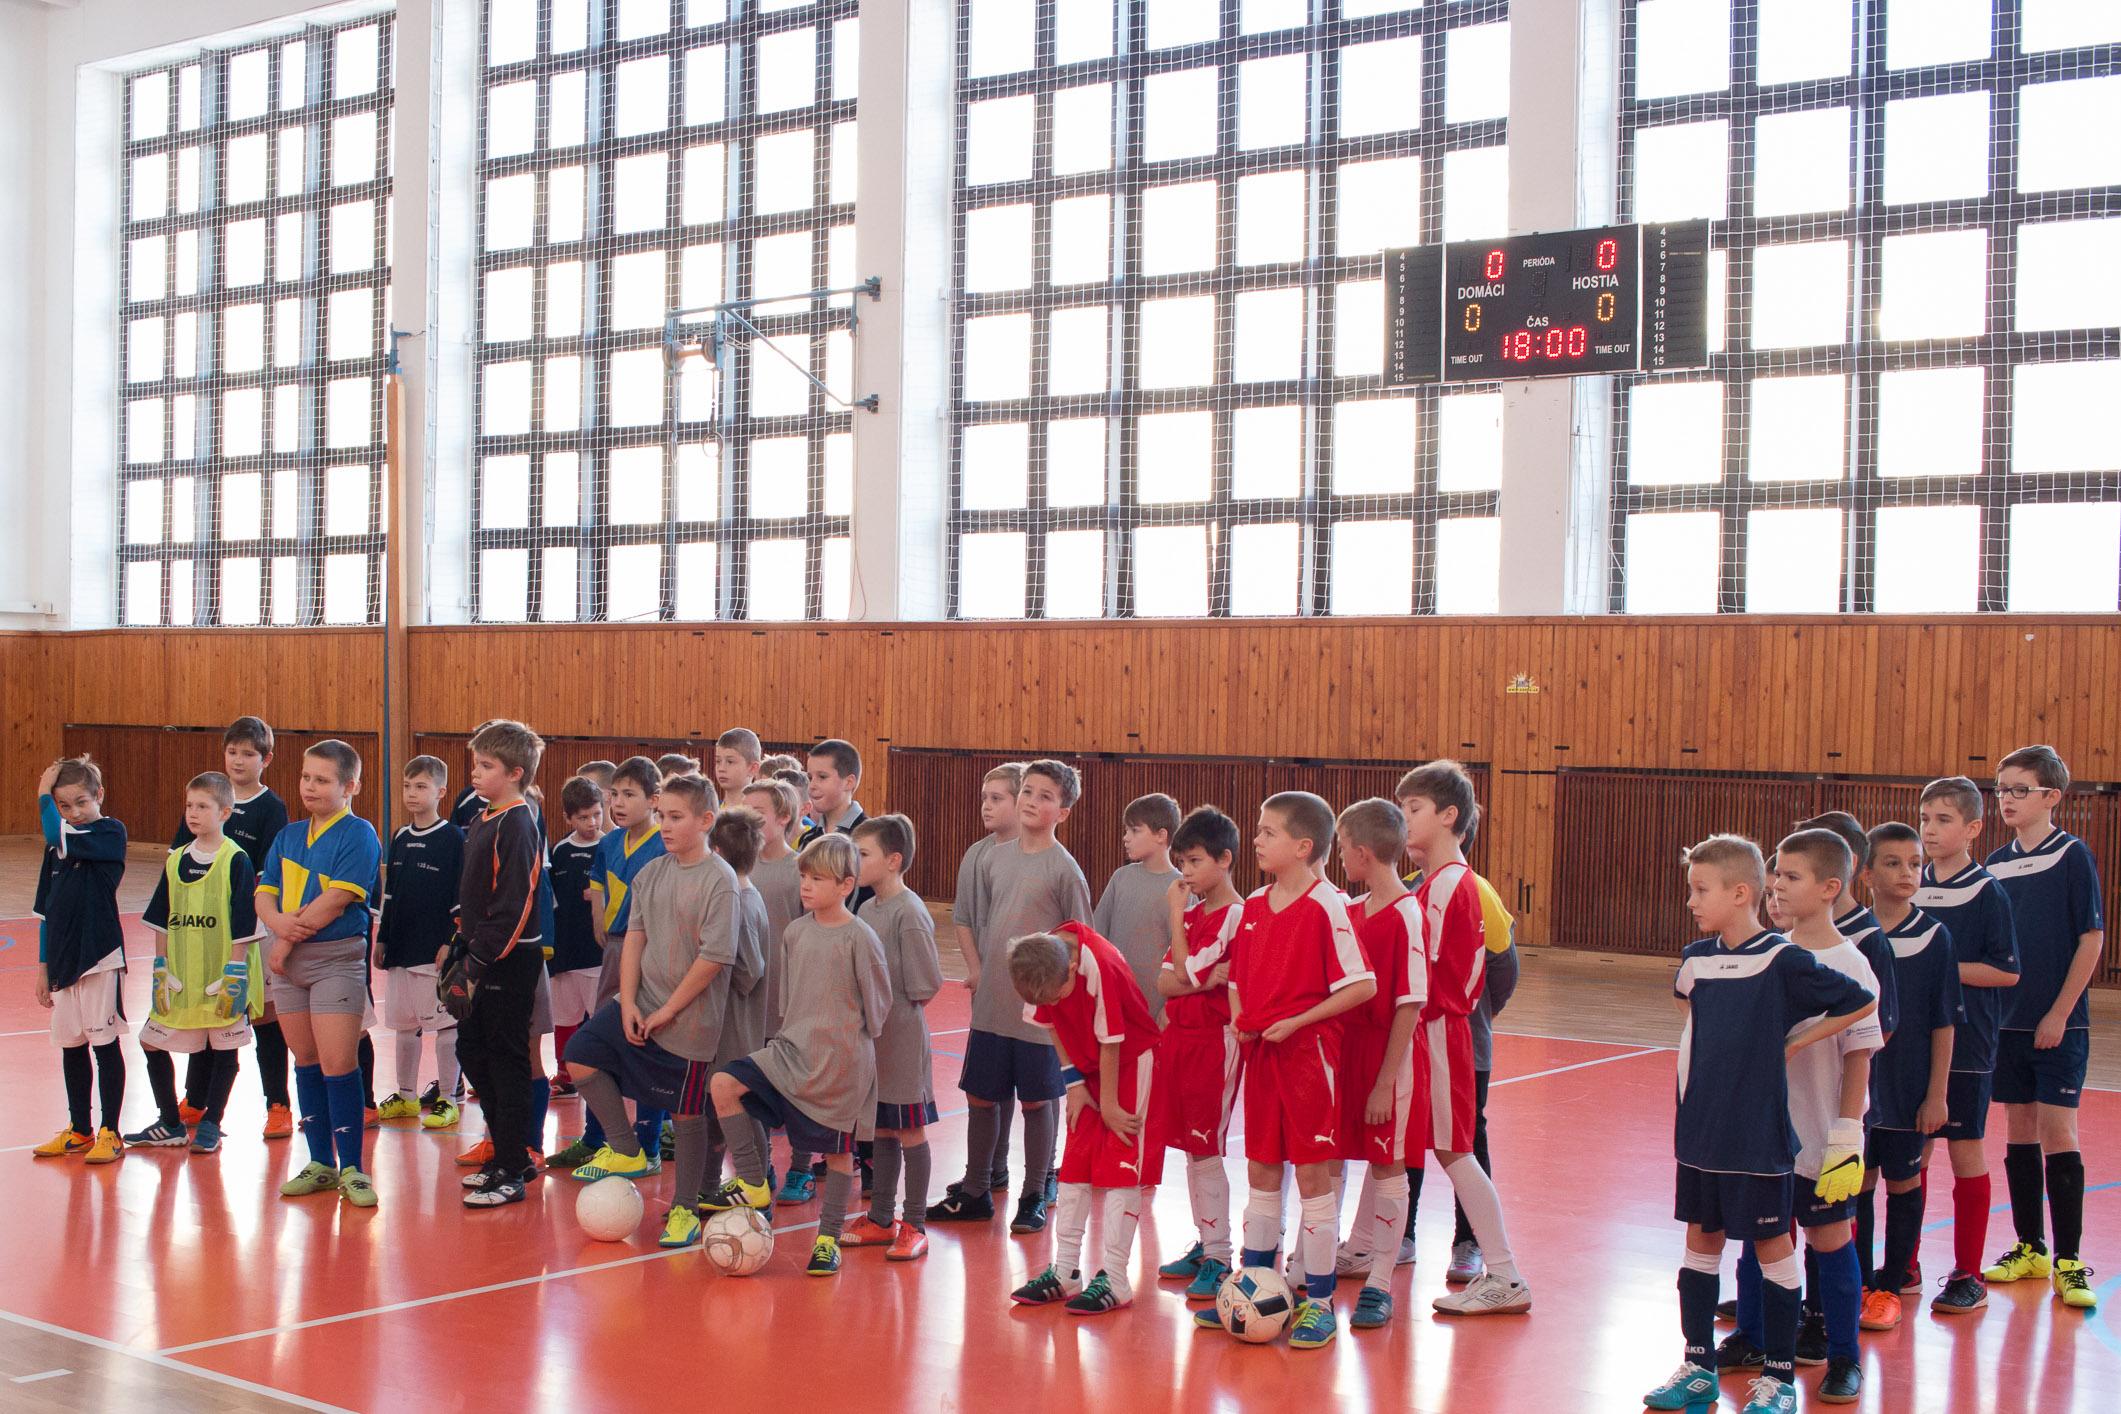 novorocny-turnaj-minifutbal-zvolen-101